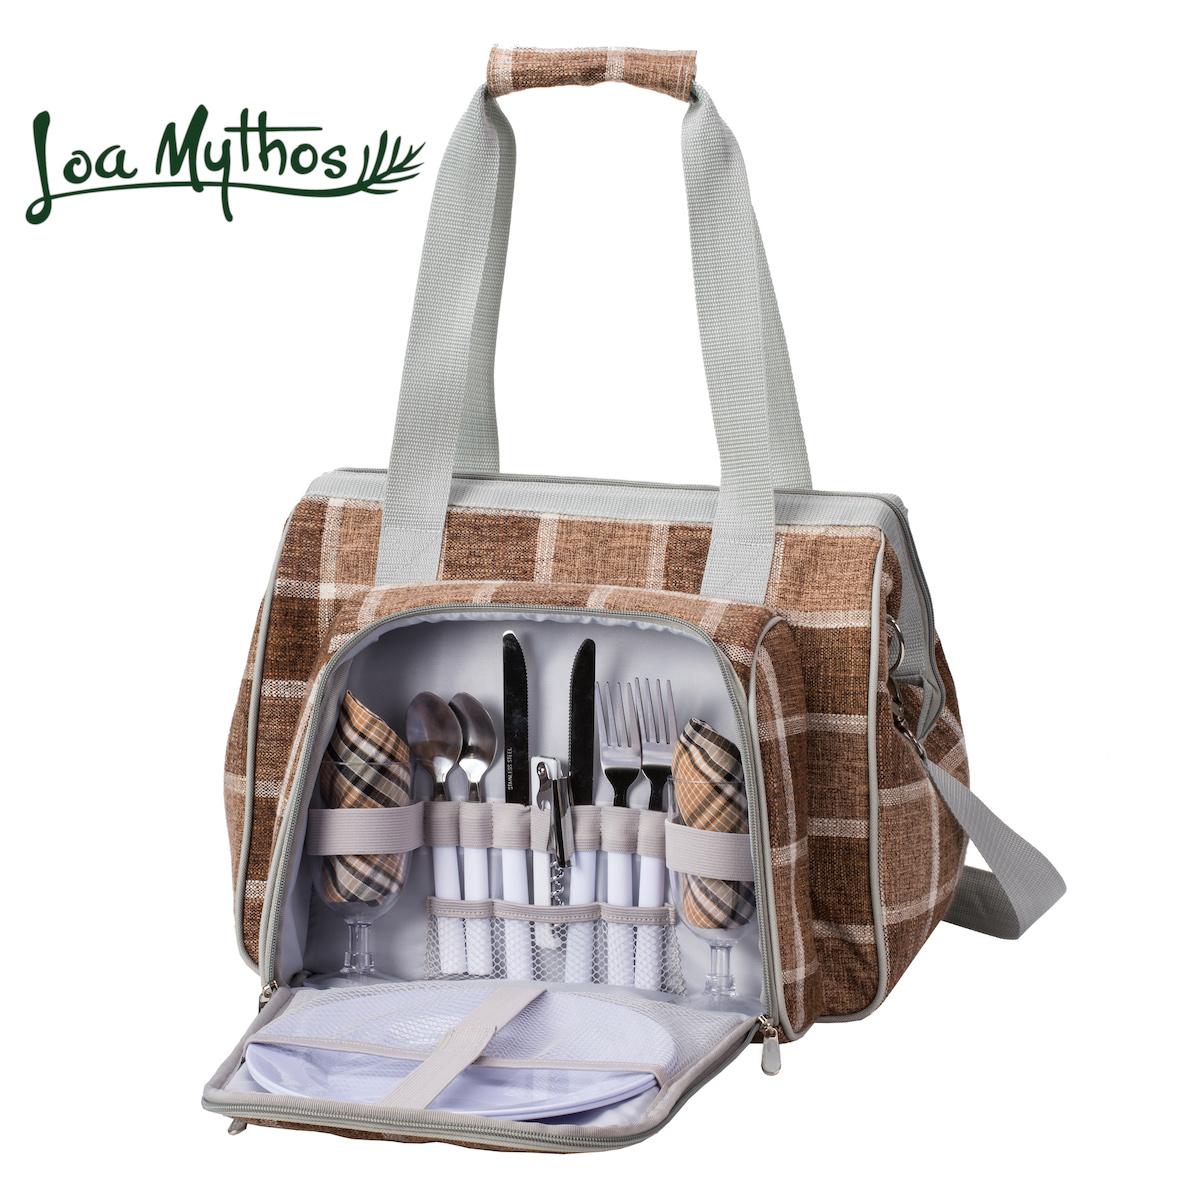 【送料無料】[キャッシュレス還元5%]アウトドア 食器 カトラリー ピクニック セット キャンプ 保冷バッグ クーラーバッグ オシャレ LoaMythos ロアミトス オールインワン・ピクニック 2way ショルダーバッグ(2人用)